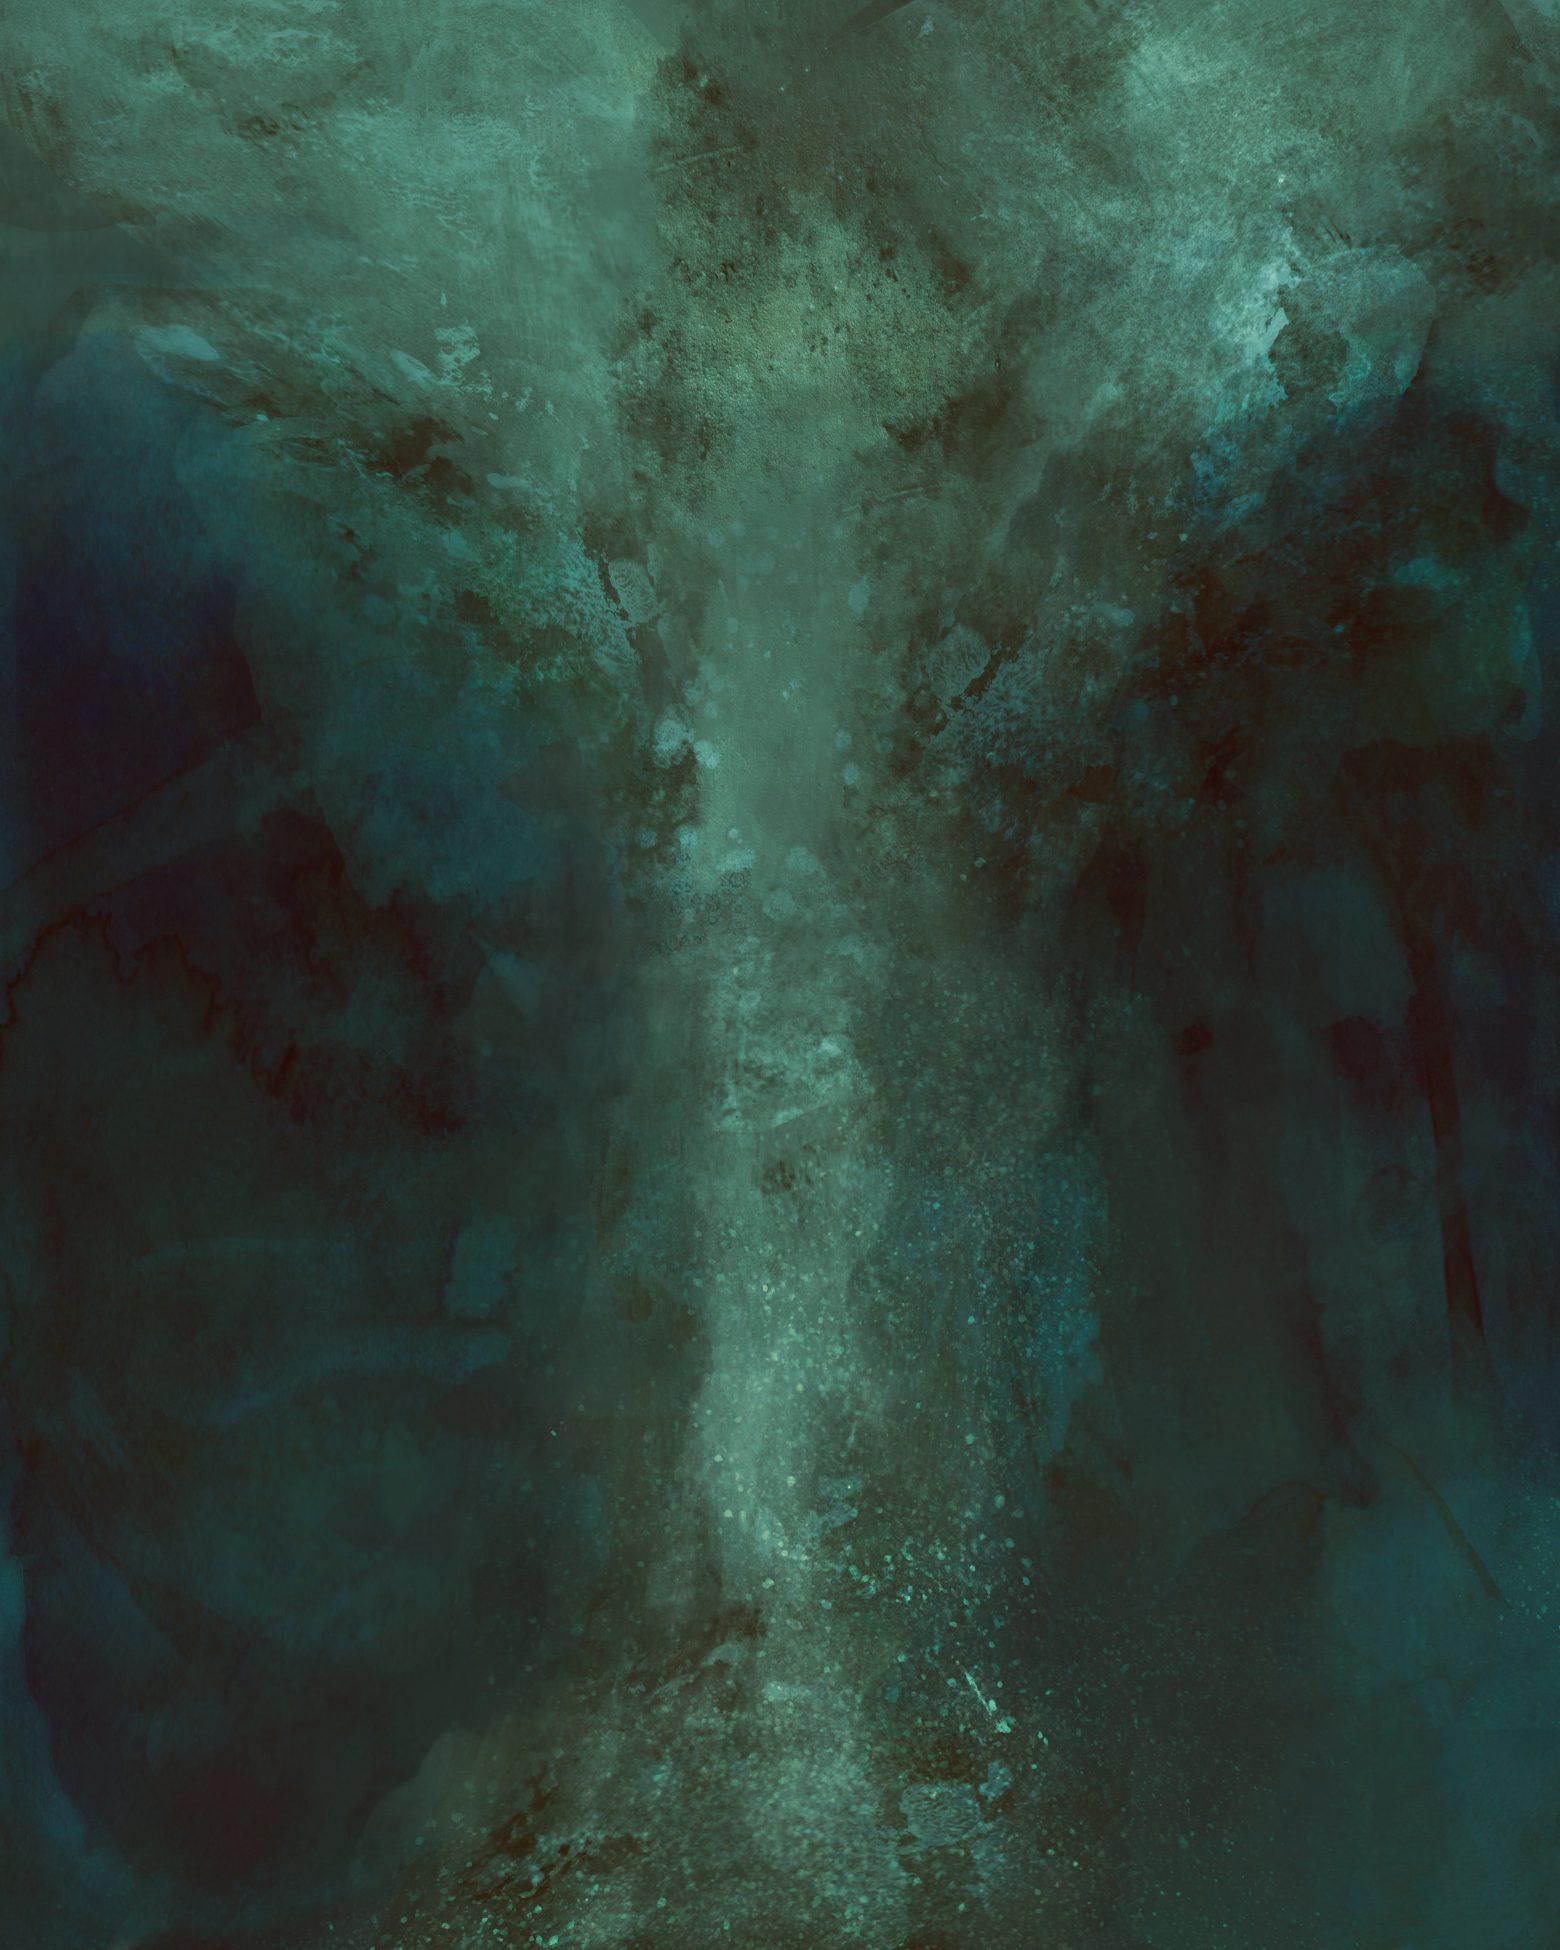 texture-1818072